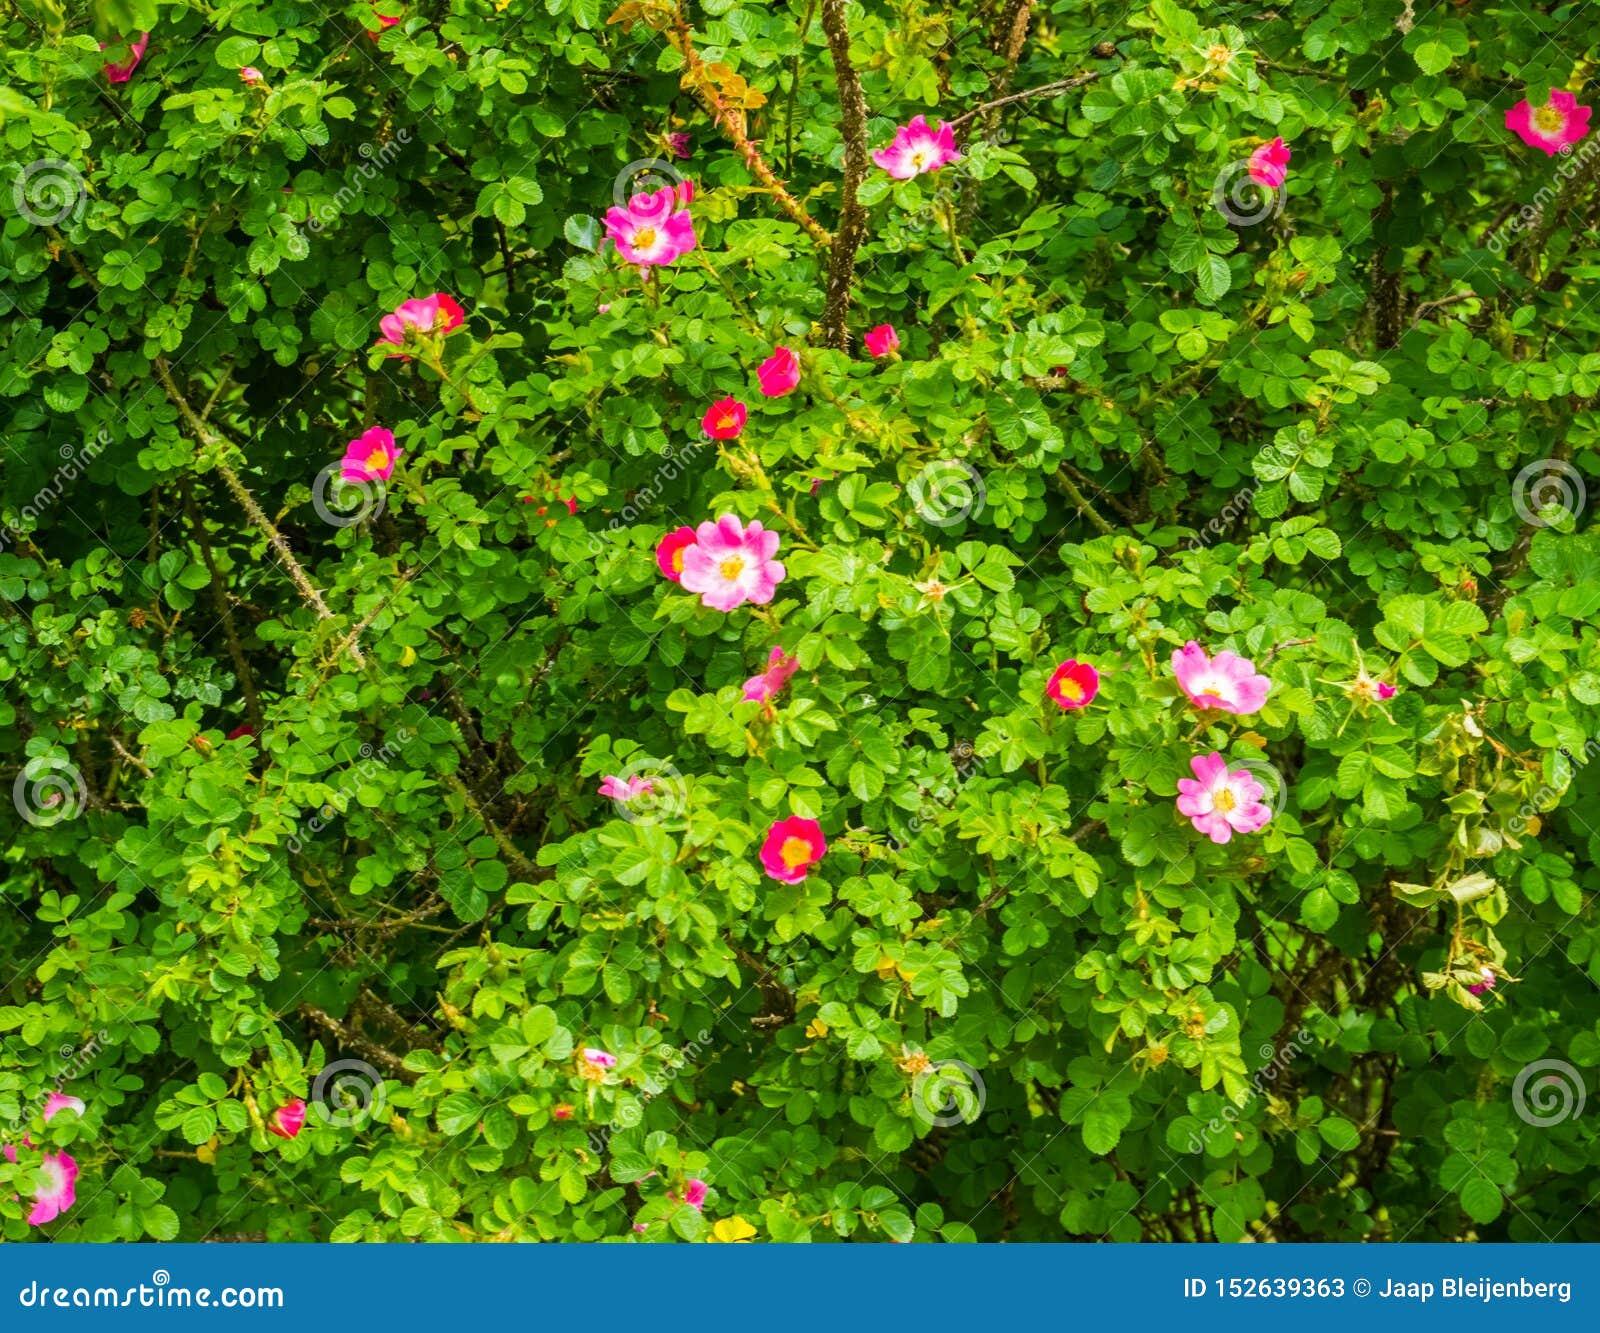 Close up de uma planta cor-de-rosa japonesa com florescência de flores cor-de-rosa, plantas de jardim decorativo populares, fundo